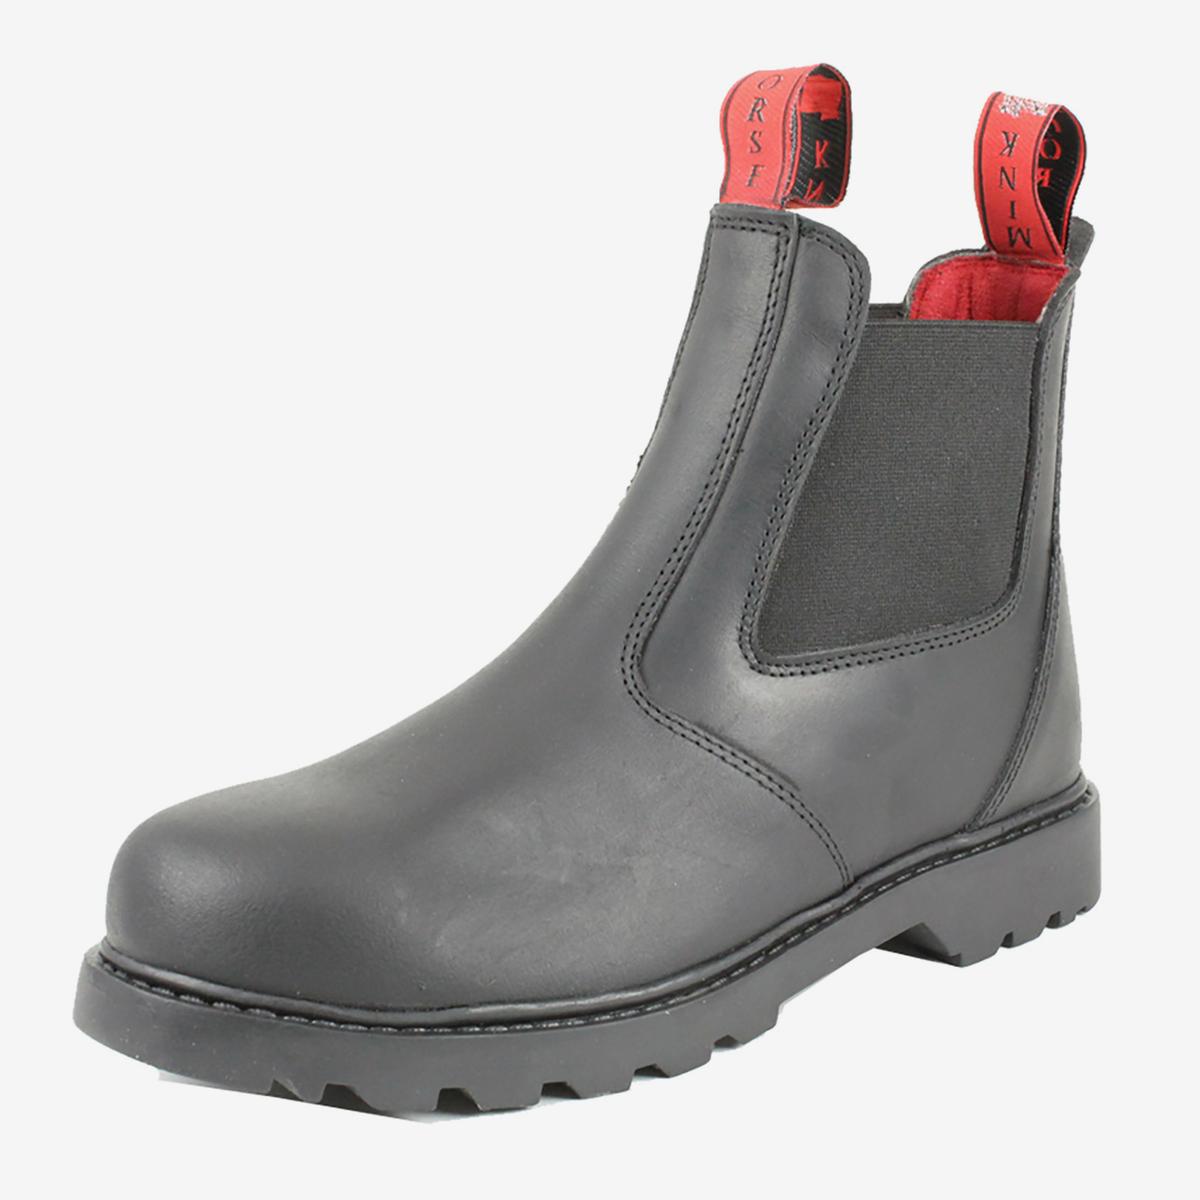 67030897afe Mink Horse Stald / Arbejdsstøvle af kraftigt vandtæt læder/ stål næse